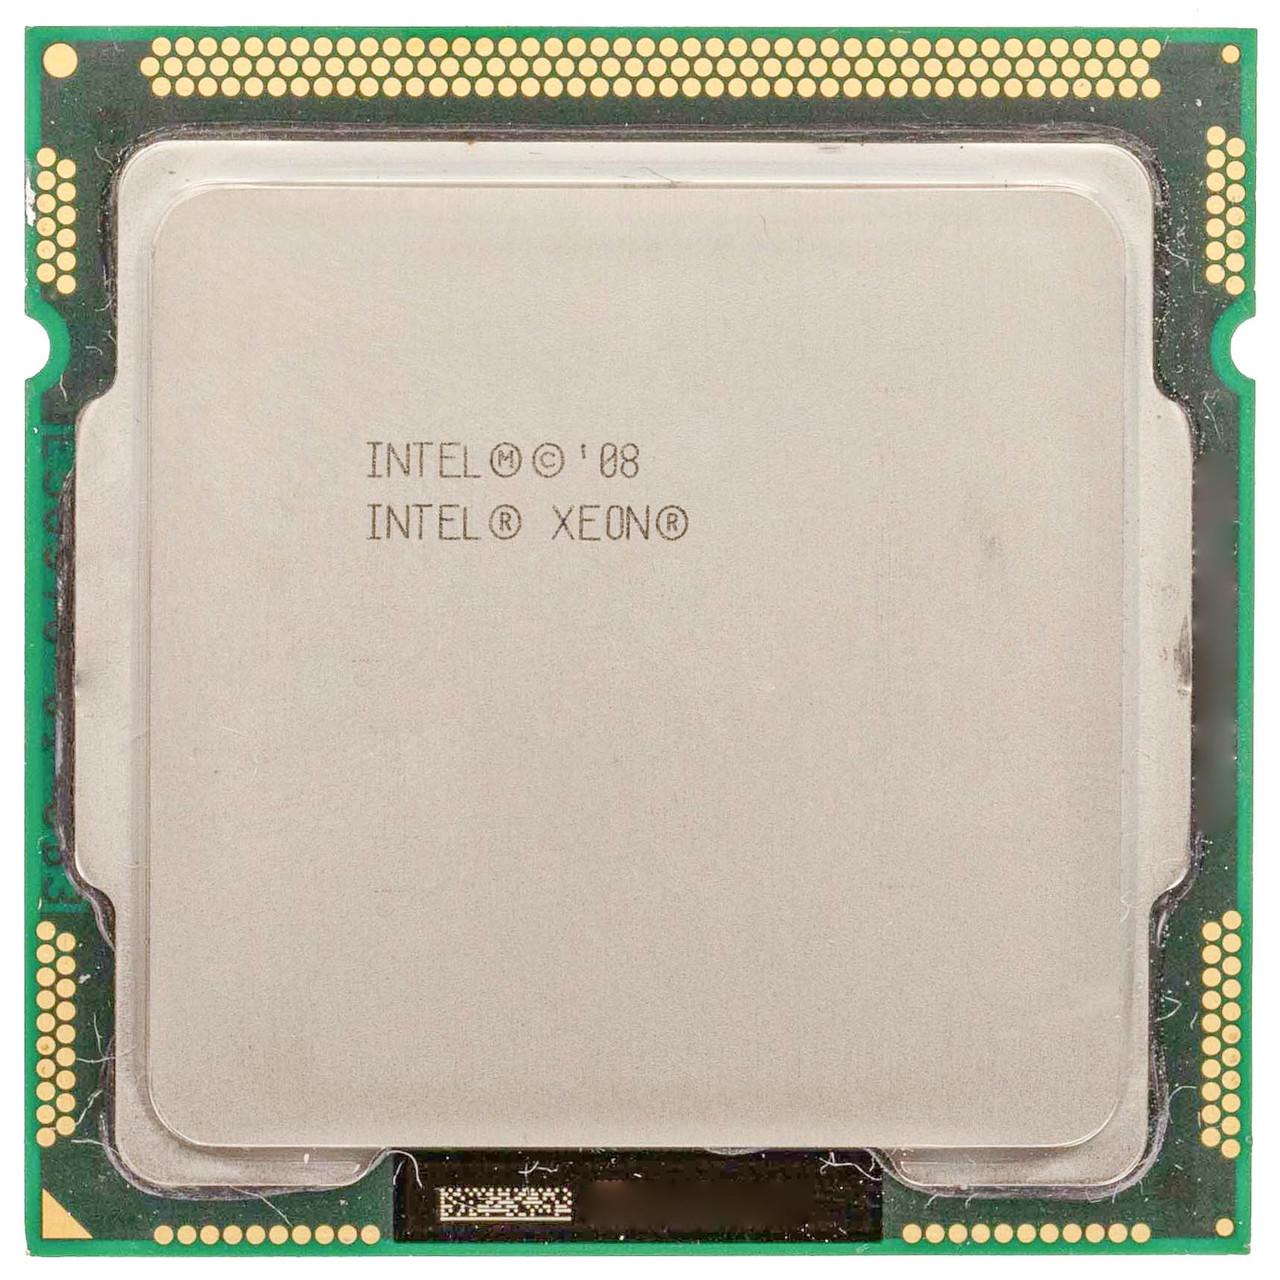 LGA 1156